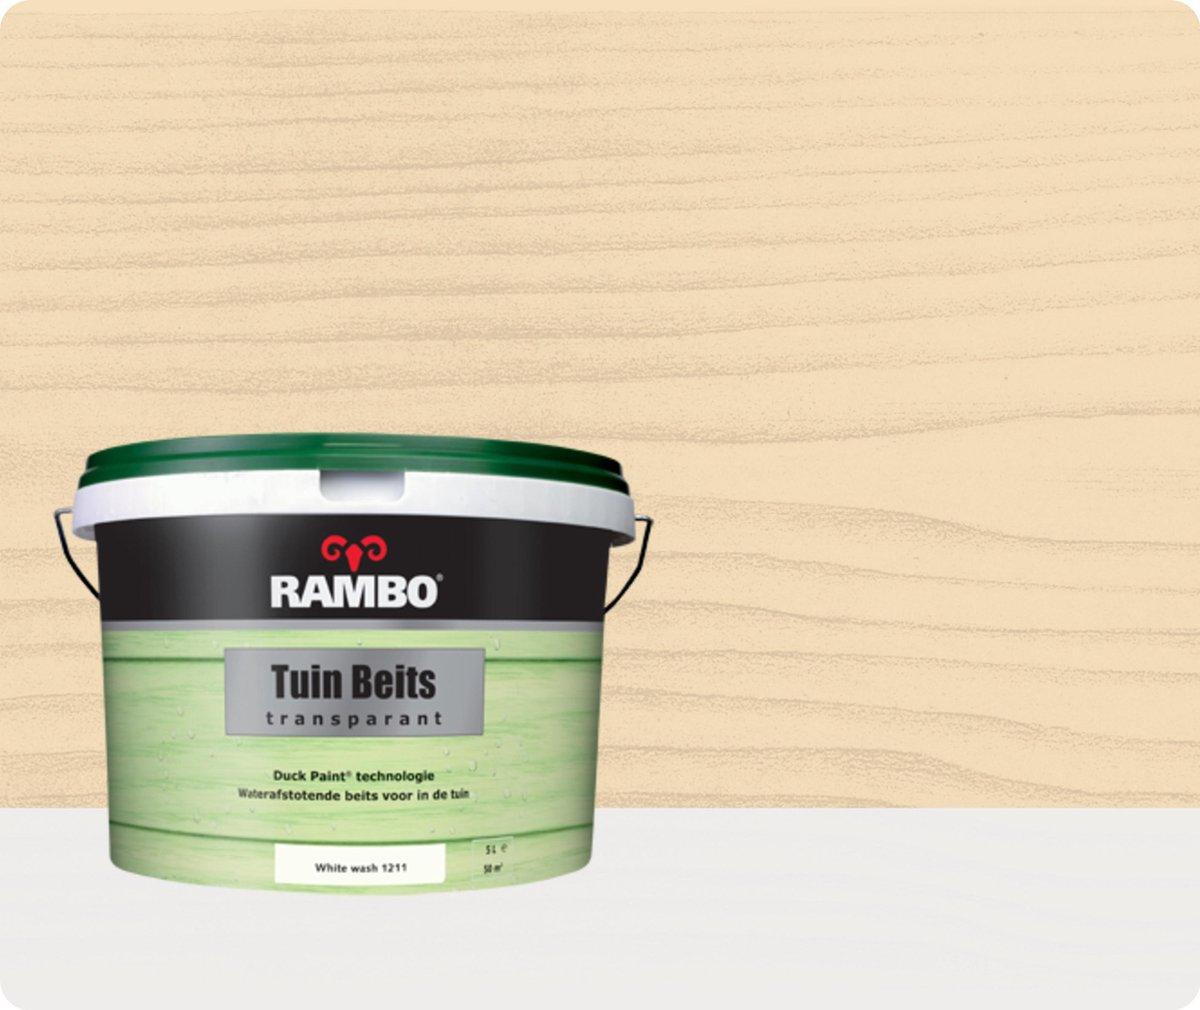 Rambo Tuinbeits - 5 liter - Whitewash - Transparant - Rambo